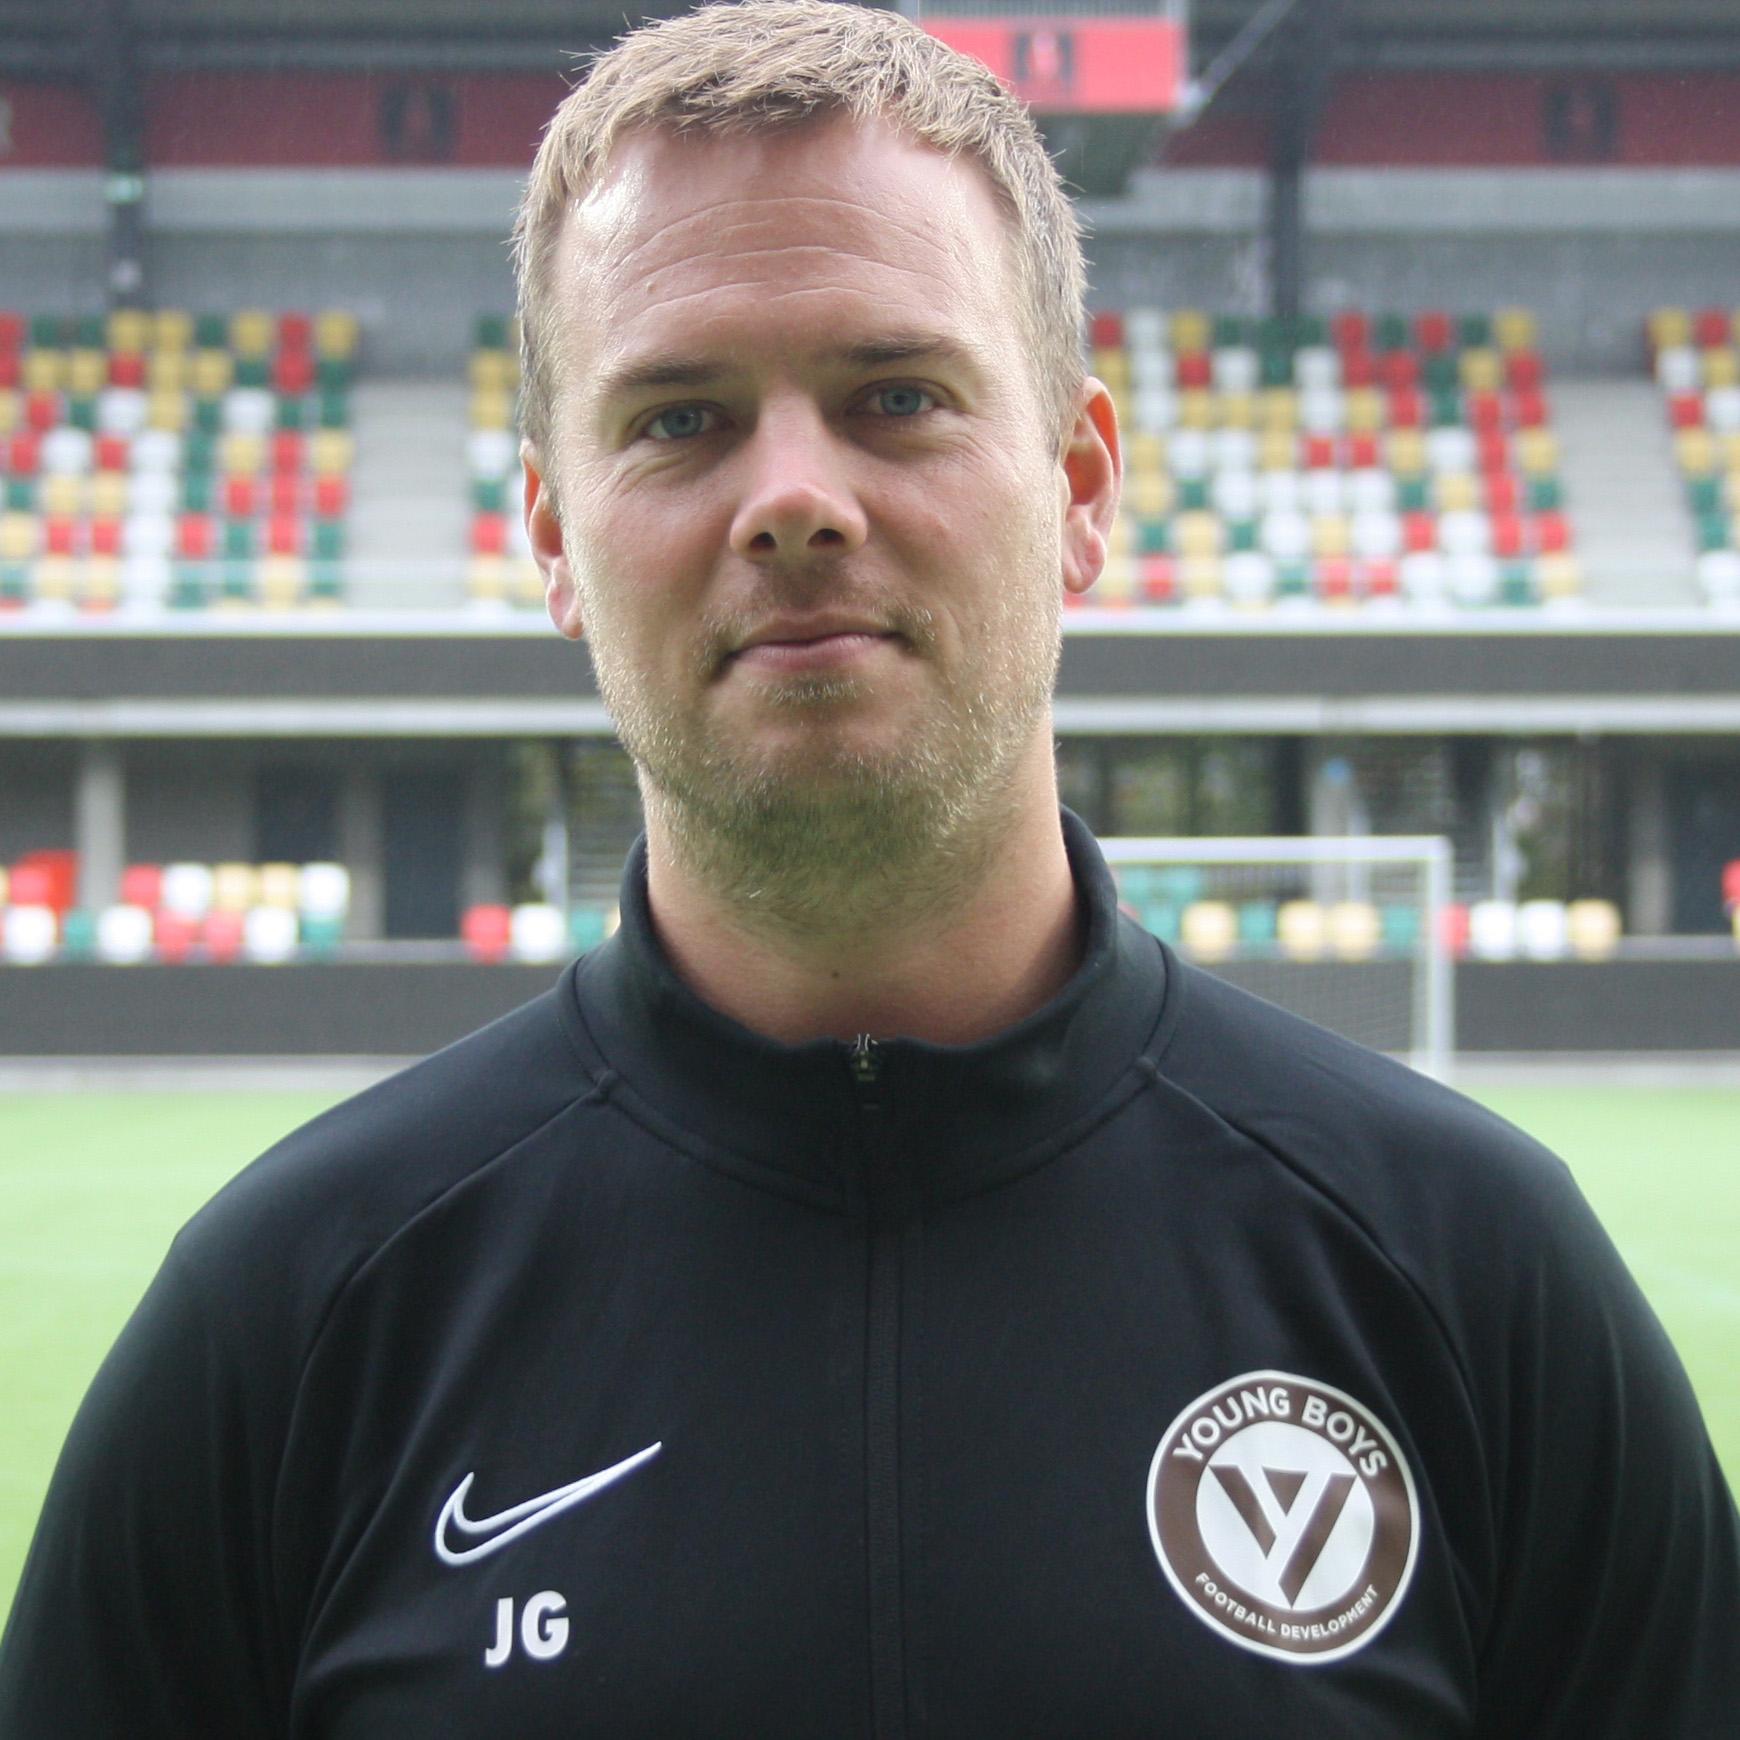 Jonas Grauslund